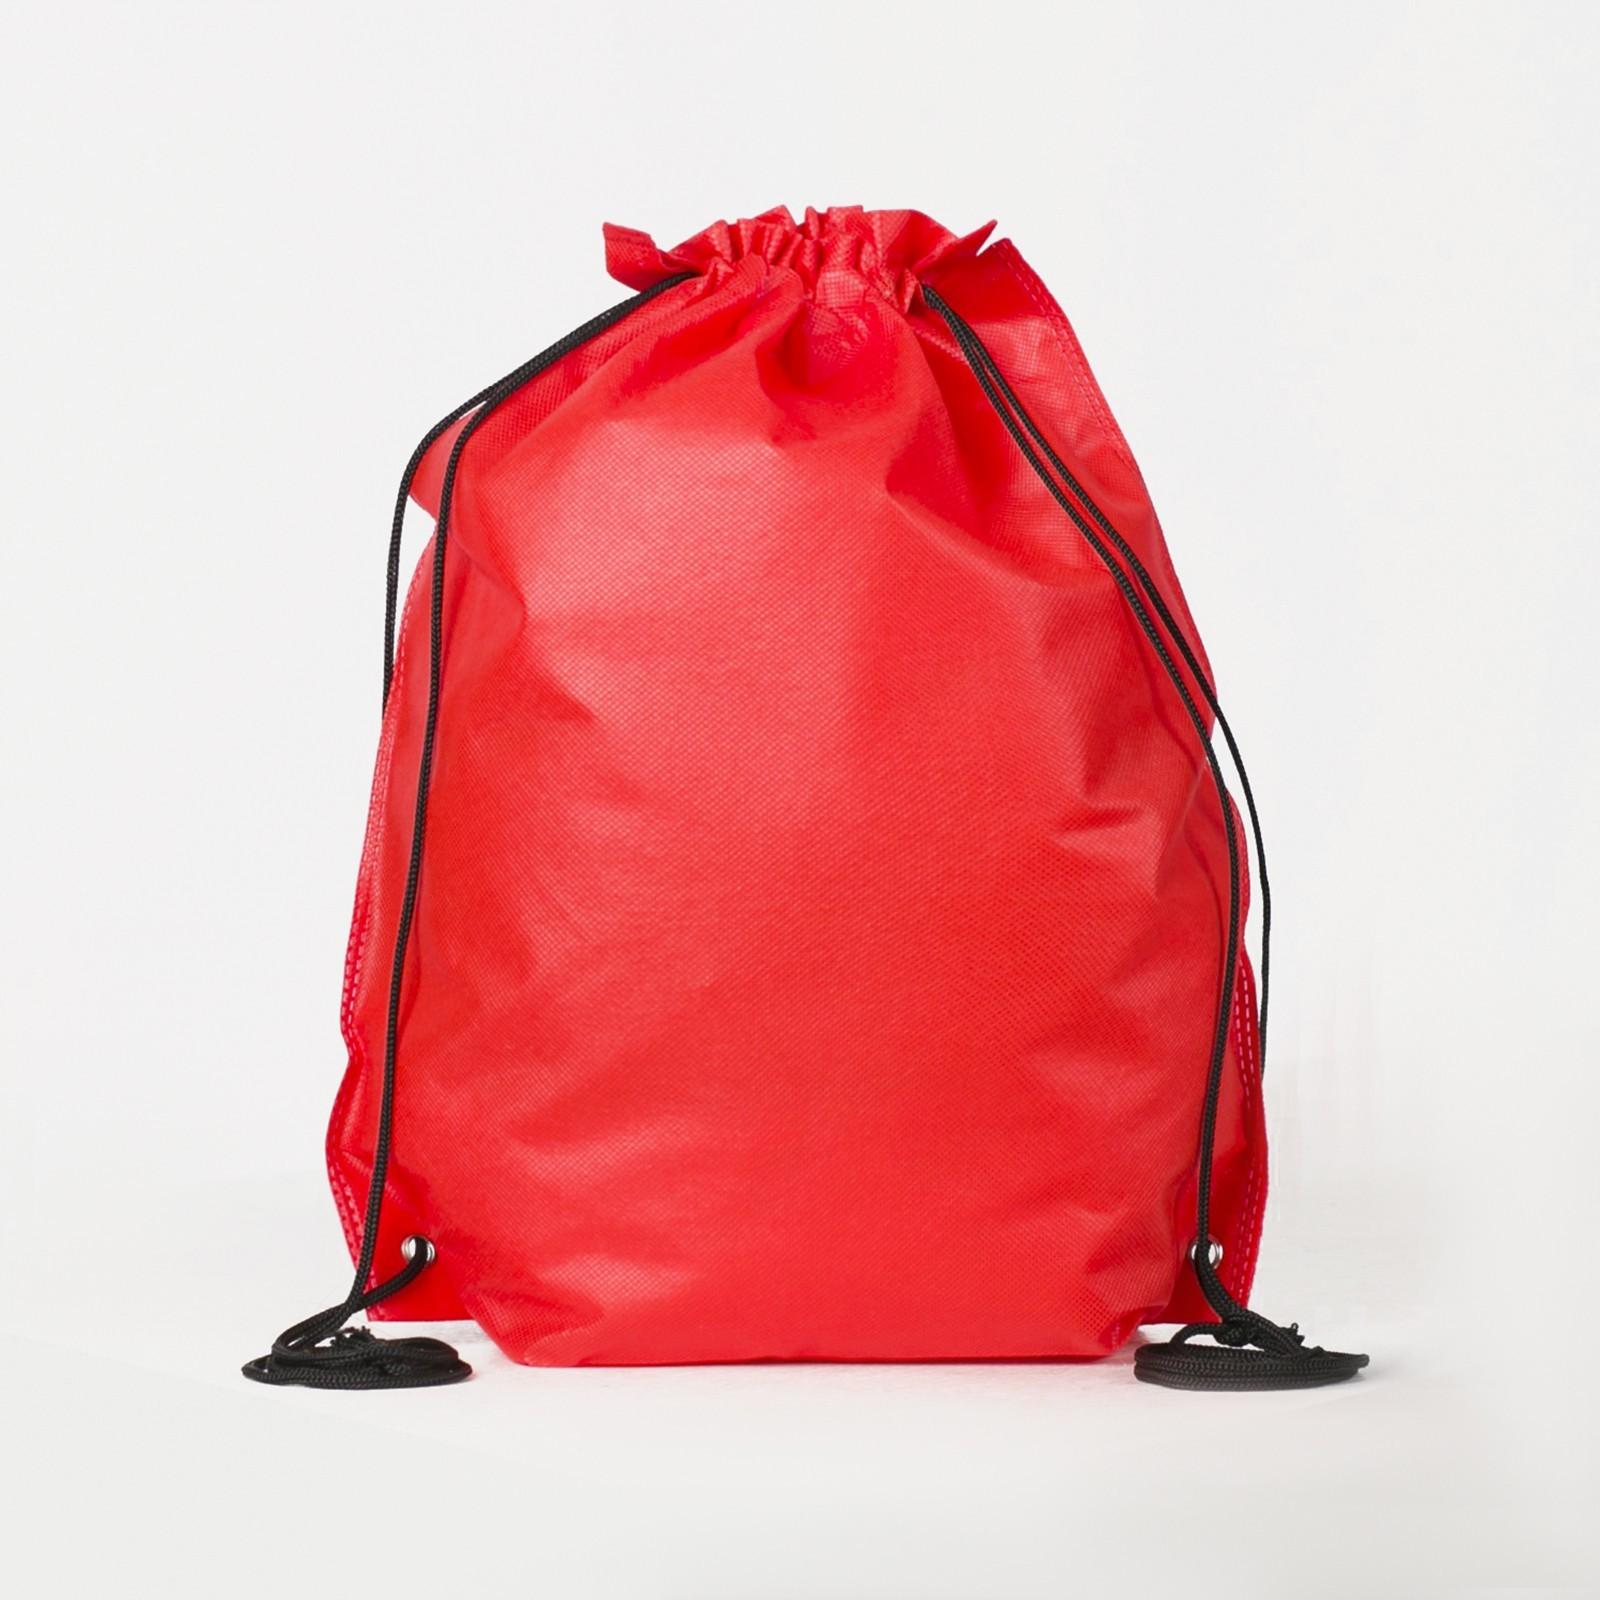 3a7b0f367618 Мешок для обуви, отдел на шнурке, цвет красный (169314) - Купить по ...